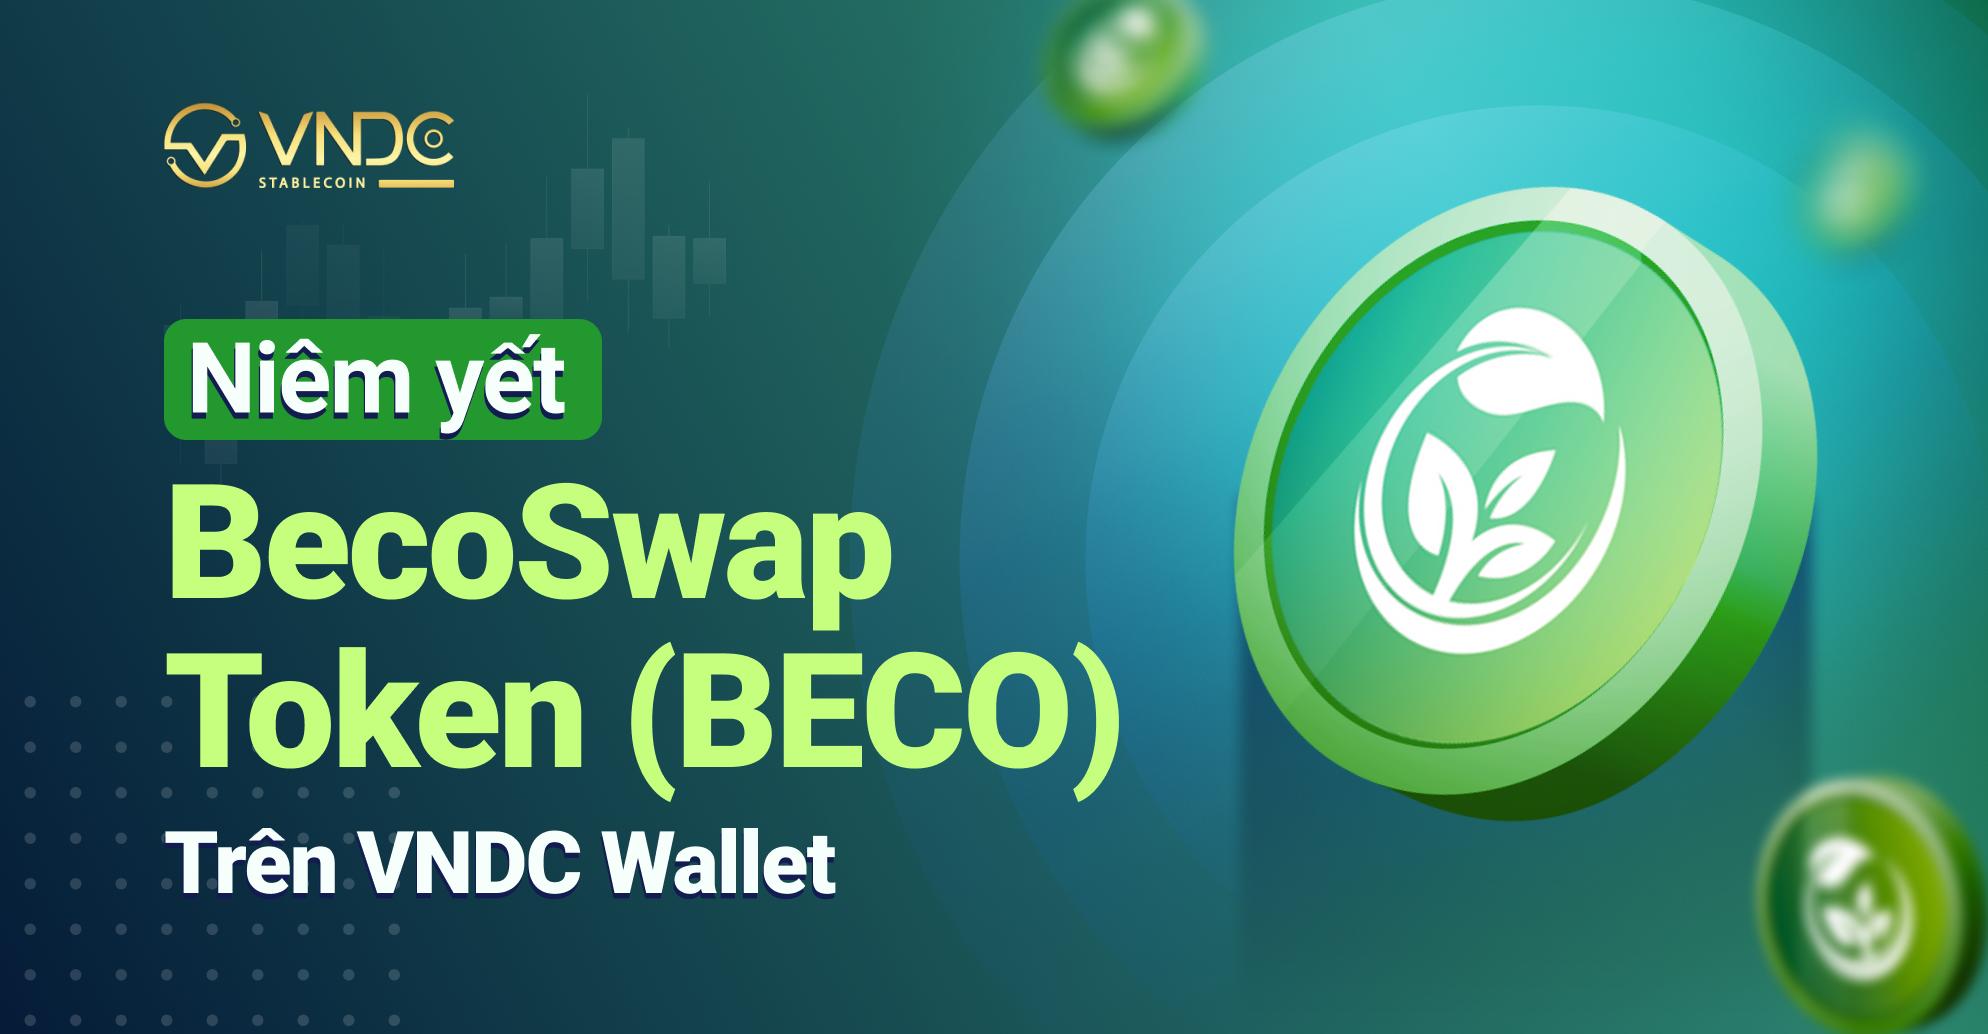 Niêm yết BecoSwap Token (BECO) trên VNDC Wallet